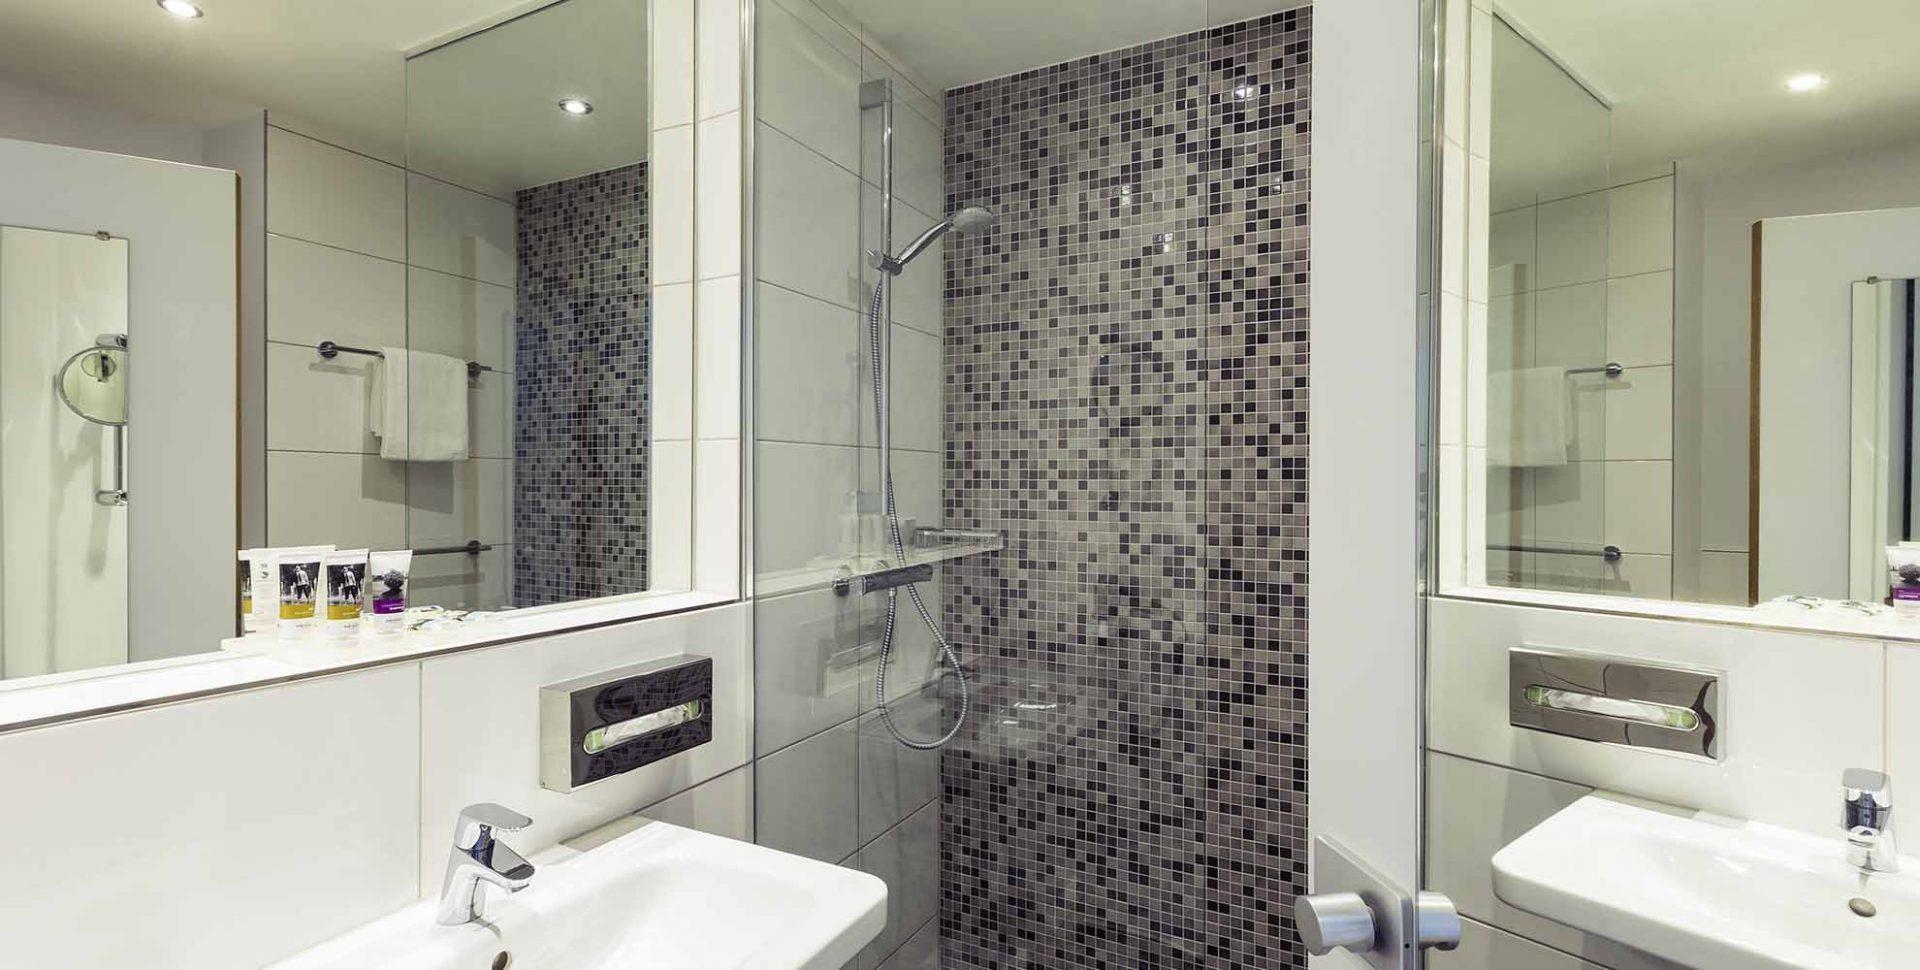 Design Badkamer Merken : Bad design modern eindeutig een moderne badkamer met een design